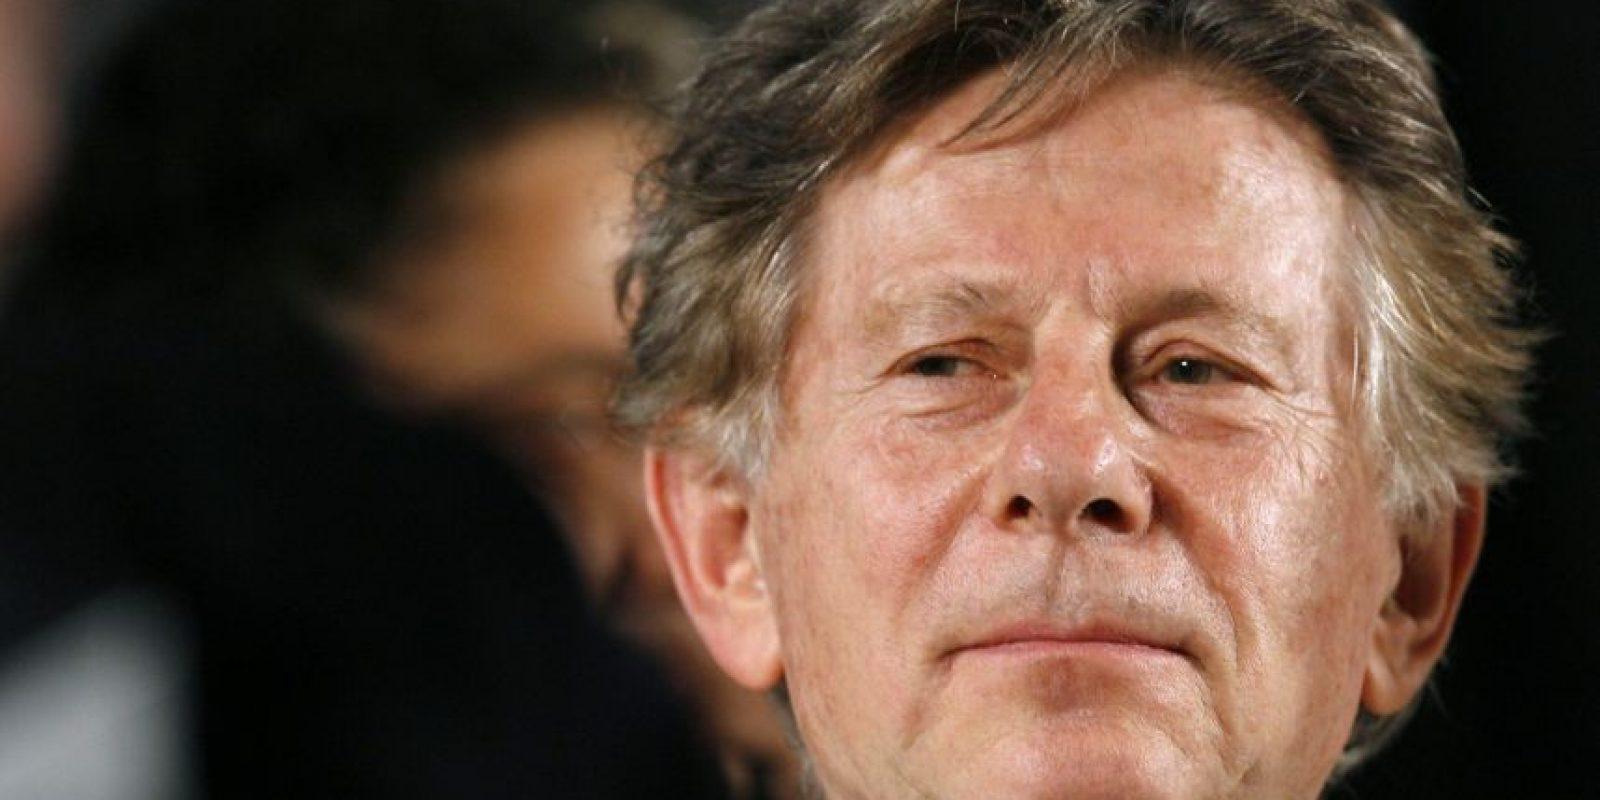 El director Roman Polanski Foto:Agencias